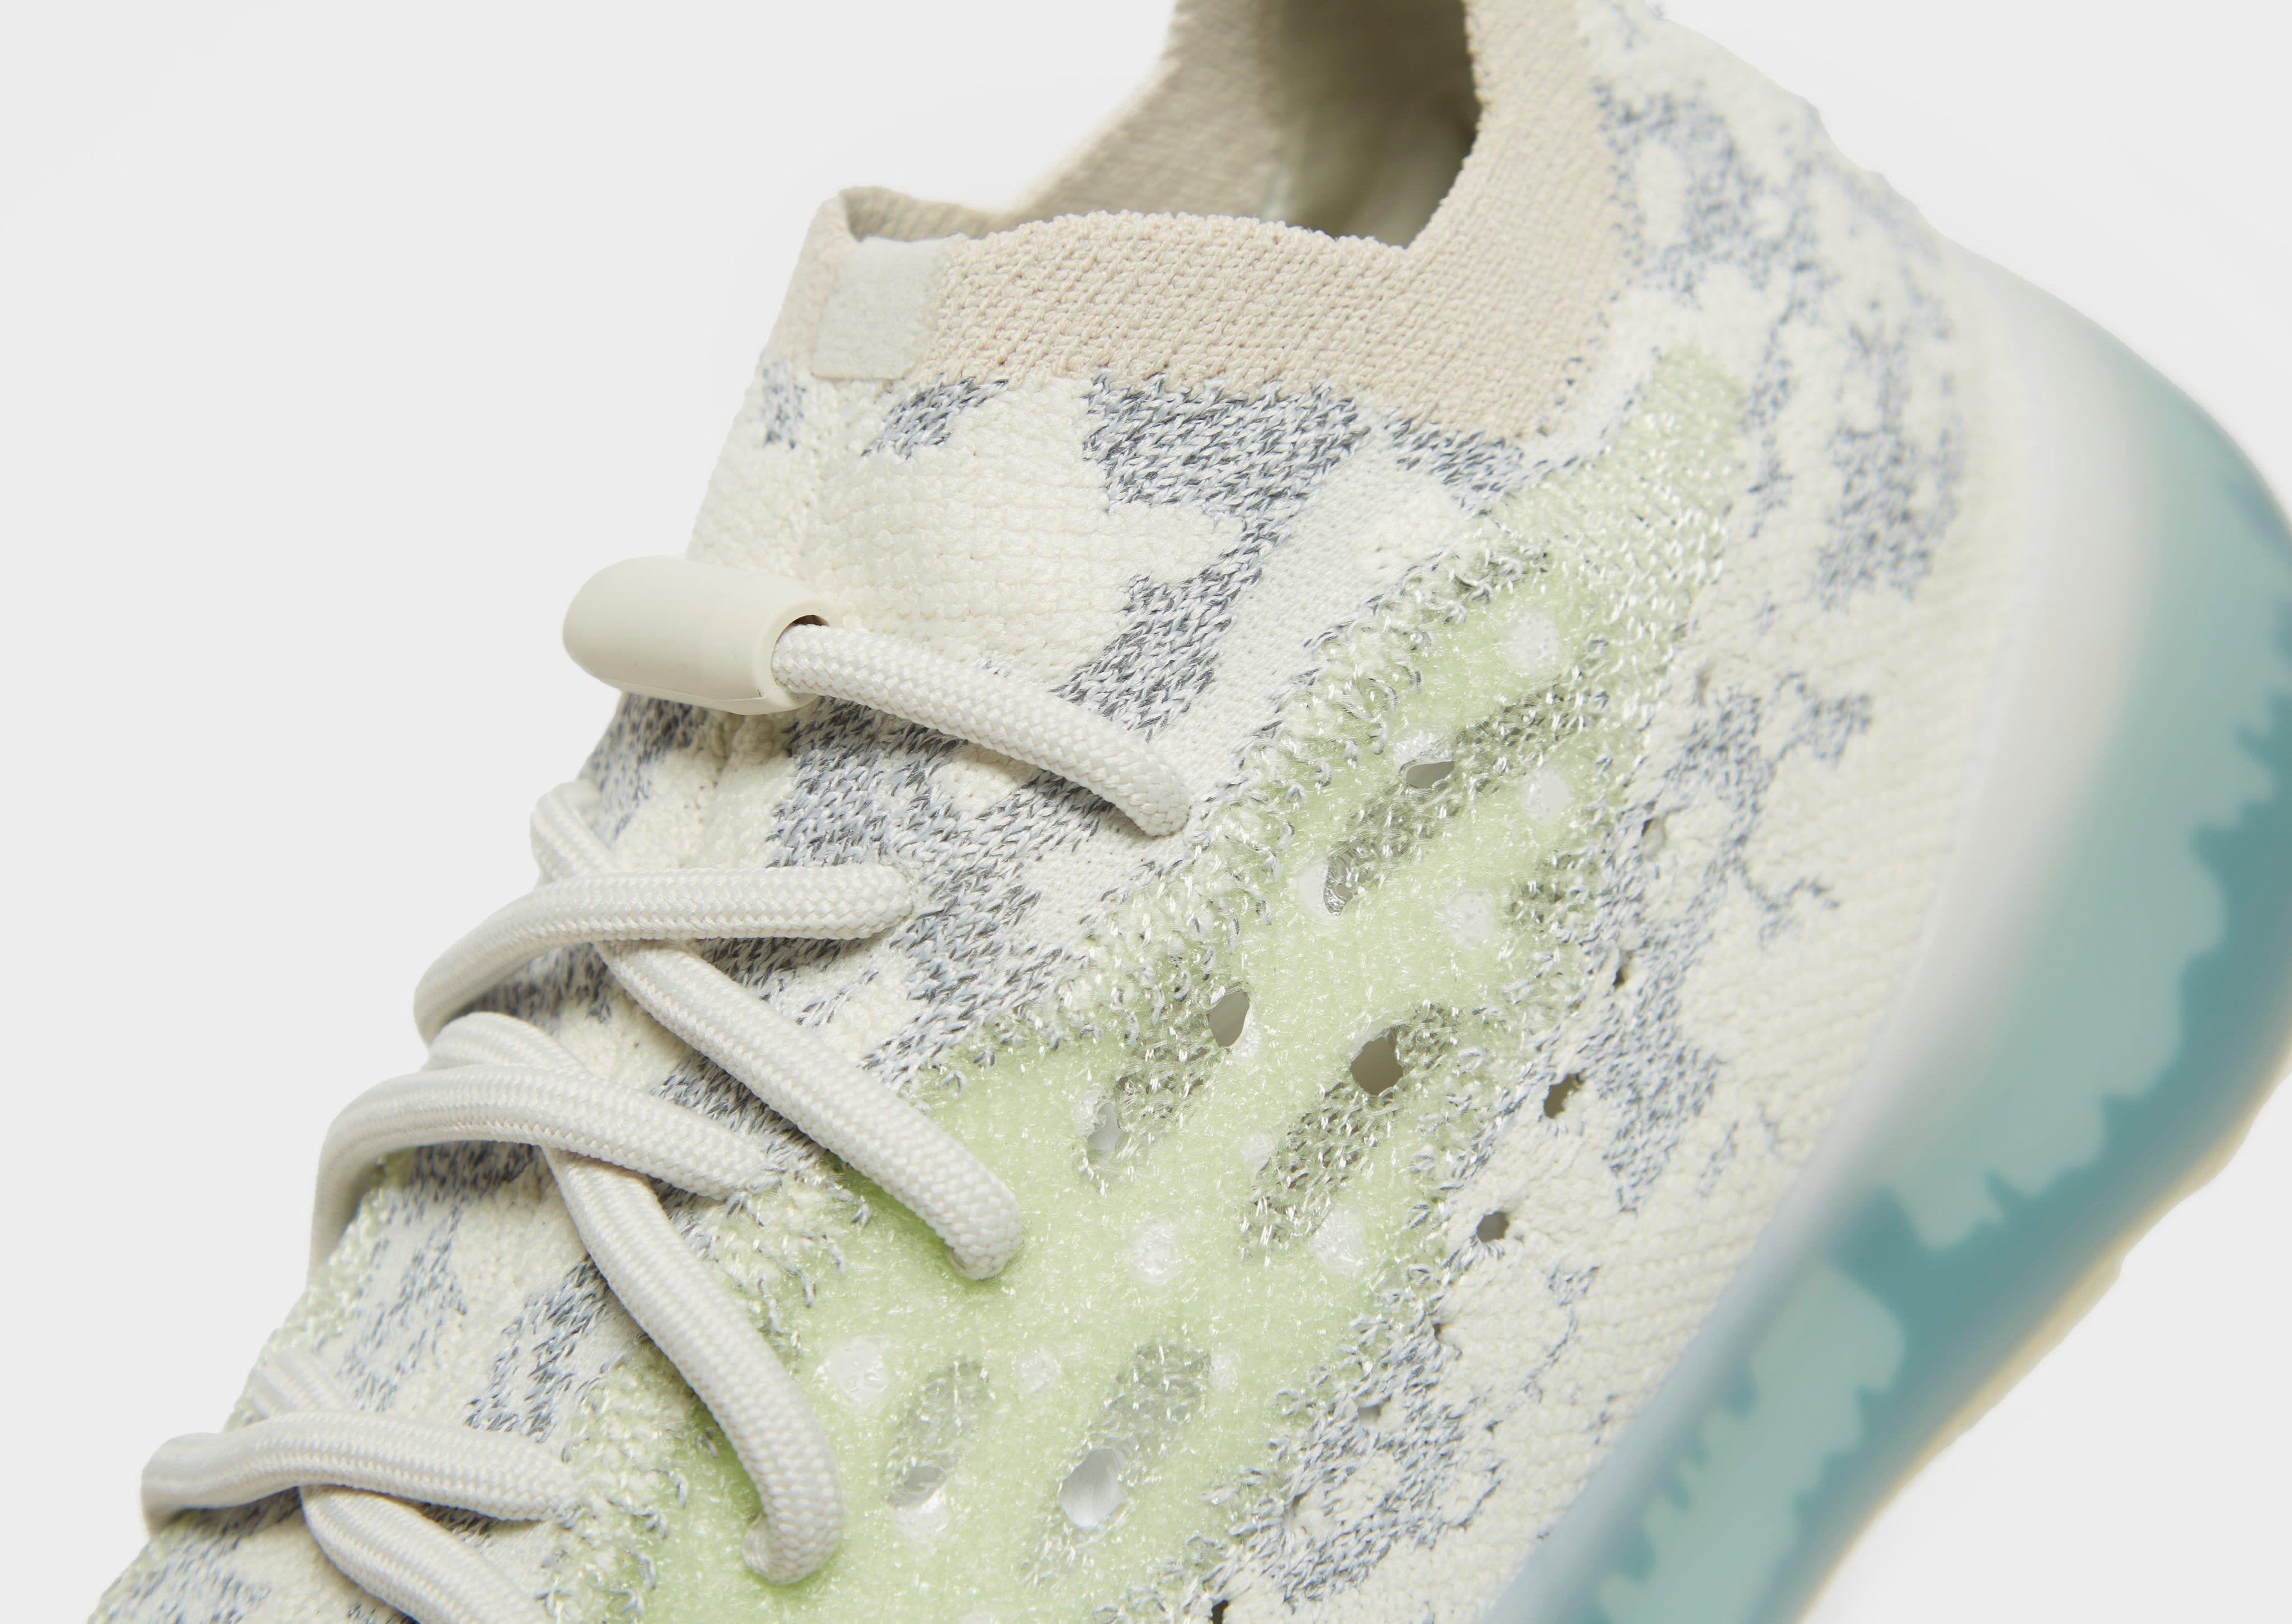 Adidas Yeezy Boost 380 'Alien Blue' GW0304 Side